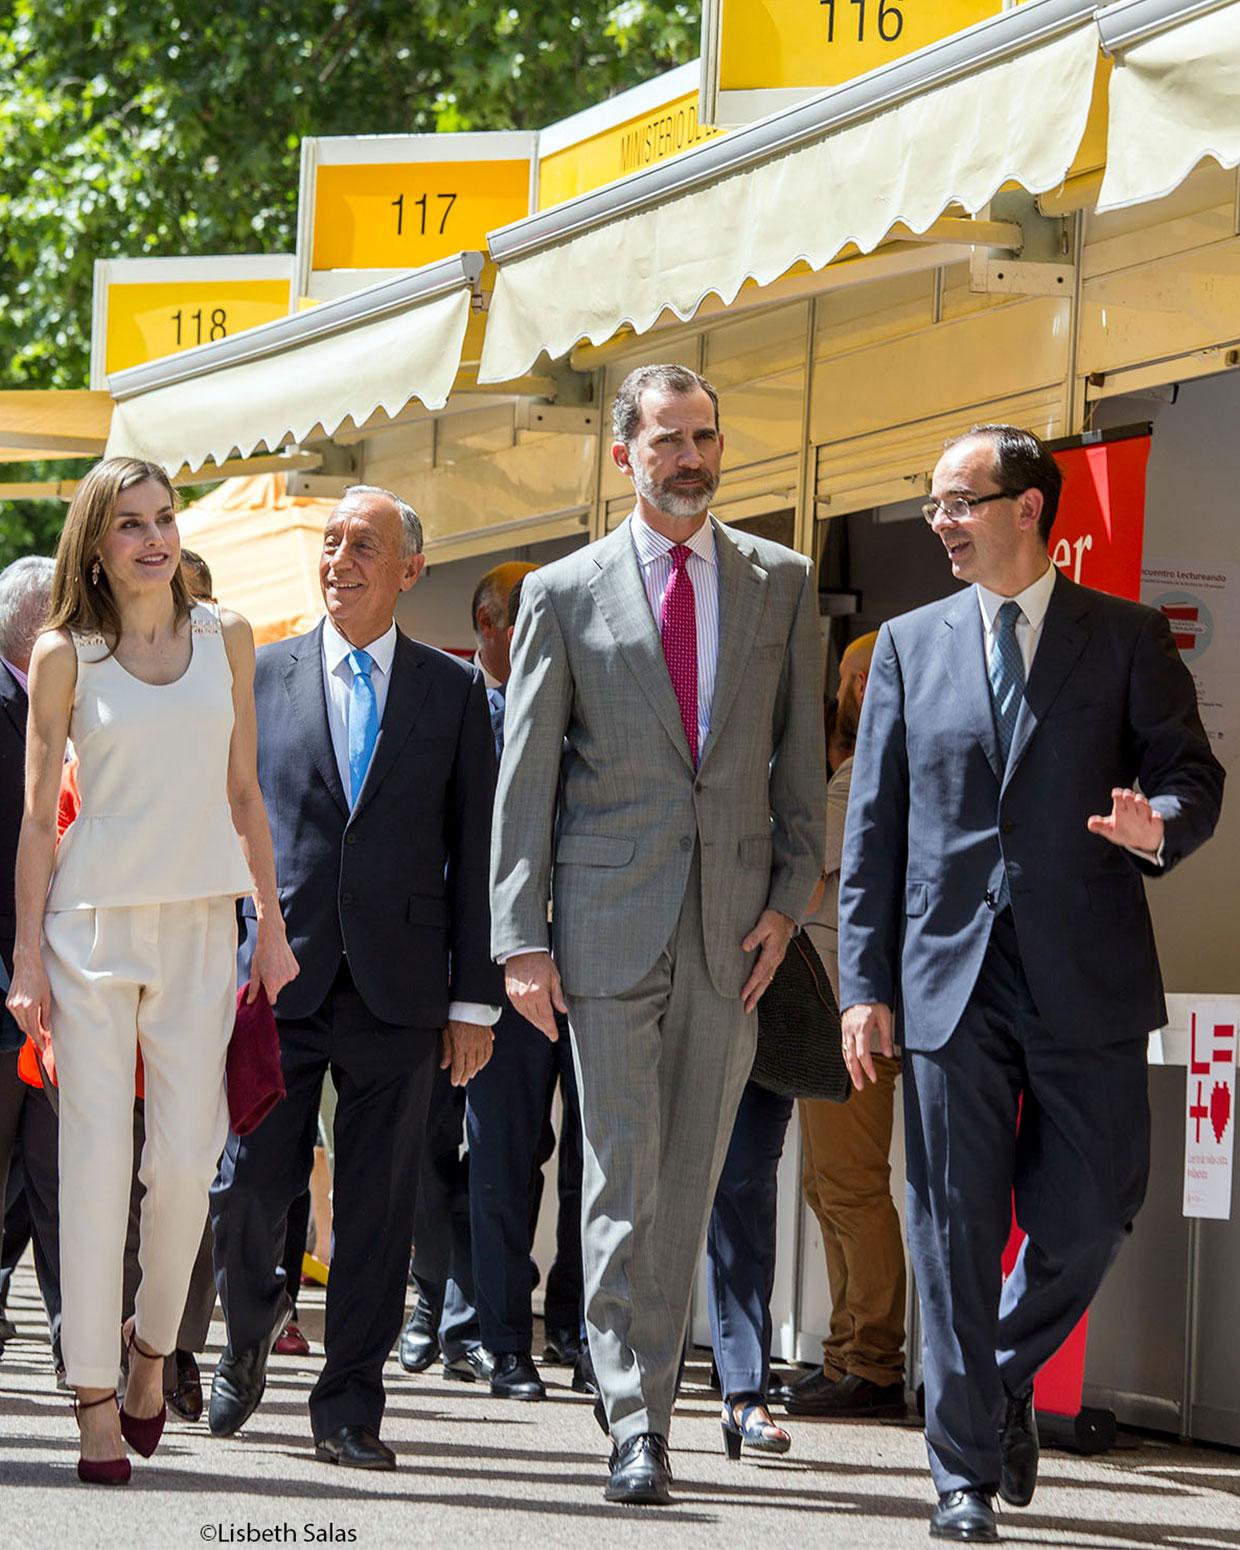 La reina Letizia, el presidente de Portugal Marcelo Rebelo de Sousa, el rey Felipe VI y José Pinho, de la editorial portuguesa Ler devagar. / fotografái de Lisbeth Salas